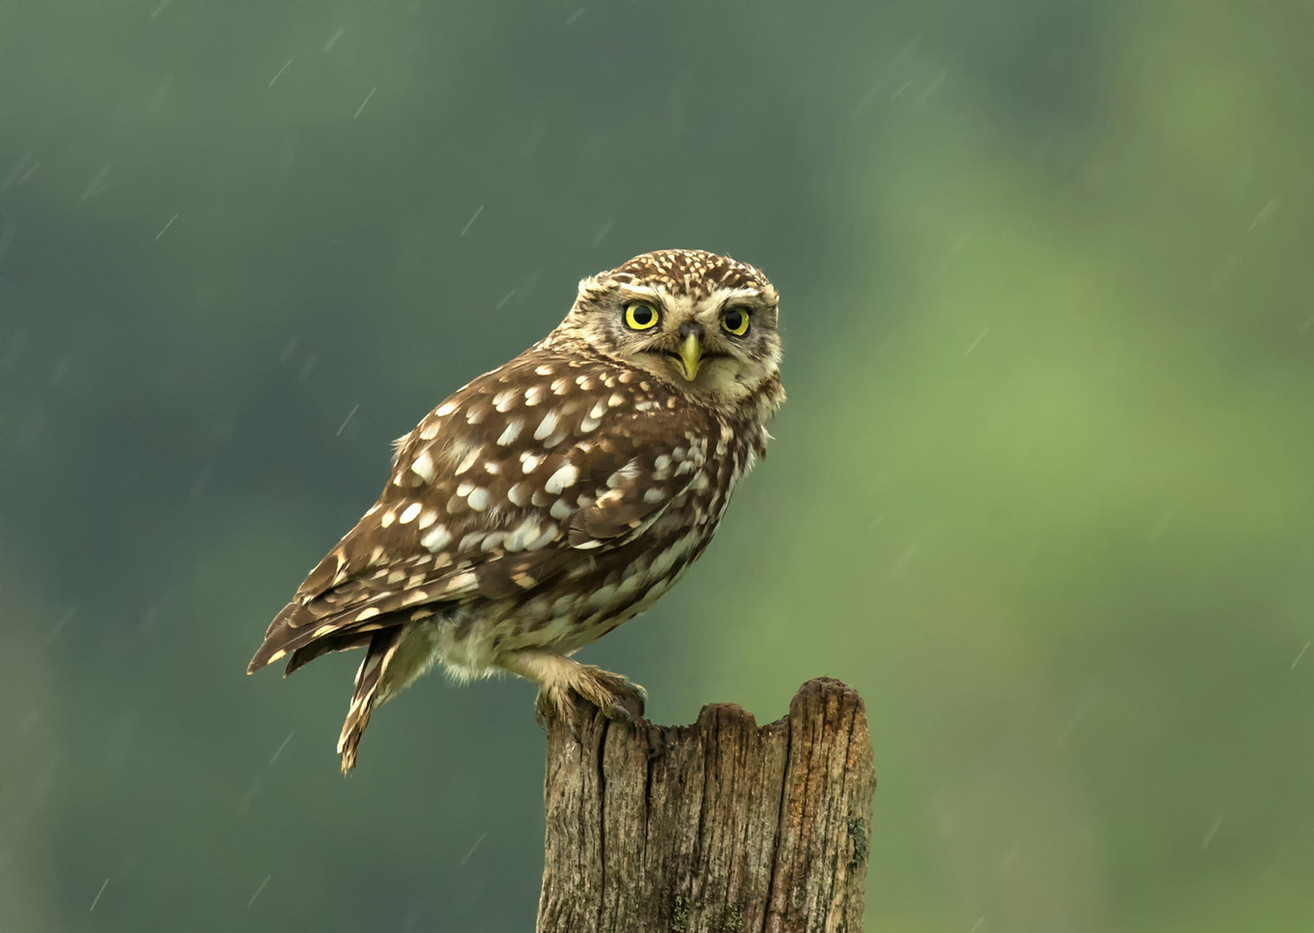 20 LITTLE OWL IN THE RAIN by Glenn Welch